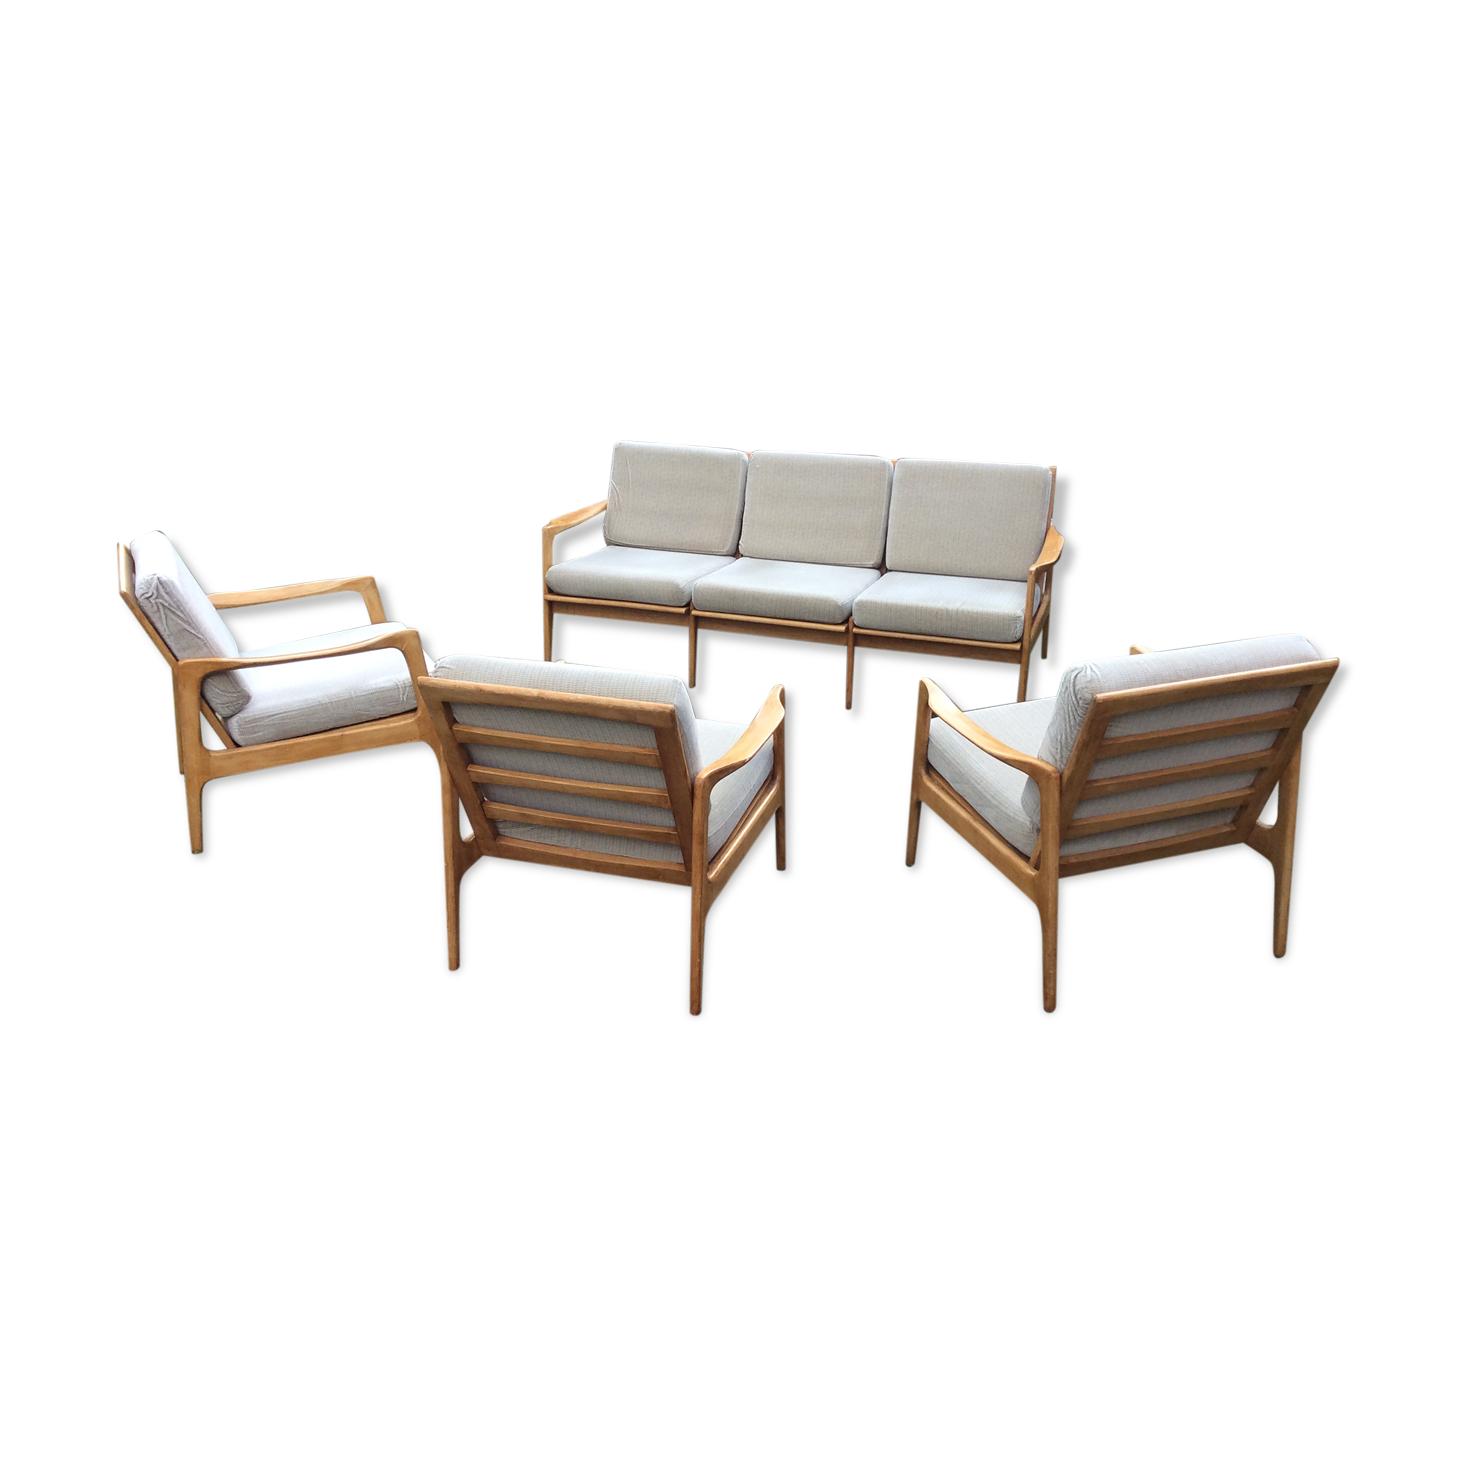 Banquette et fauteuils scandinave vintage de 4 pièces , 1 banquette et 3 fauteuils.